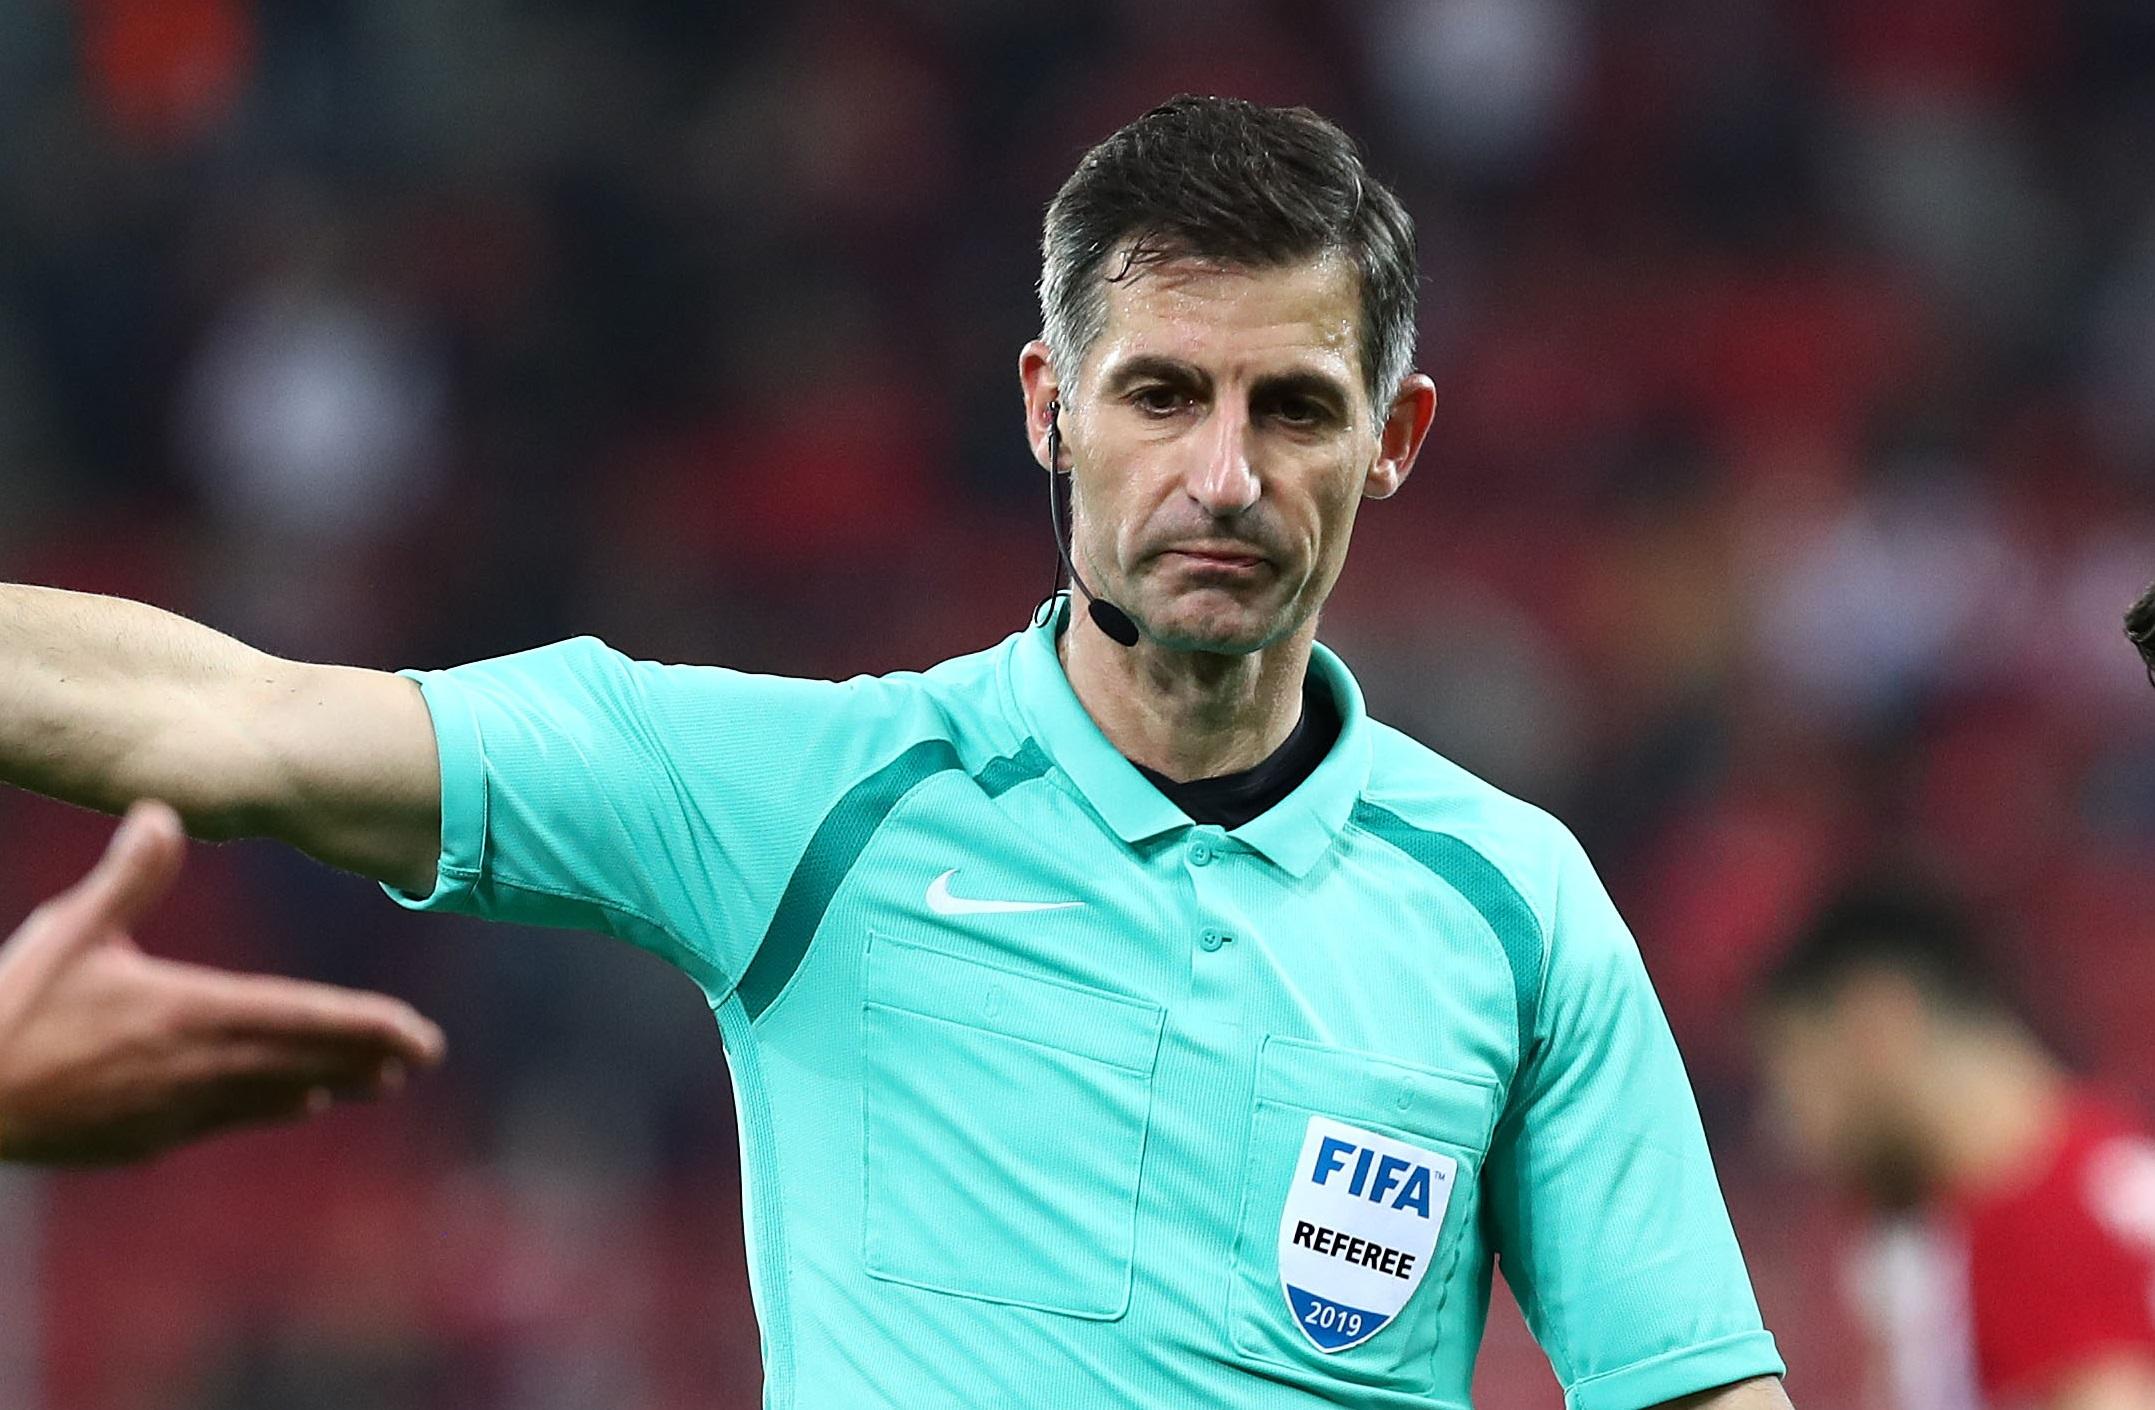 Ο Σιδηρόπουλος στον τελικό του Europa League